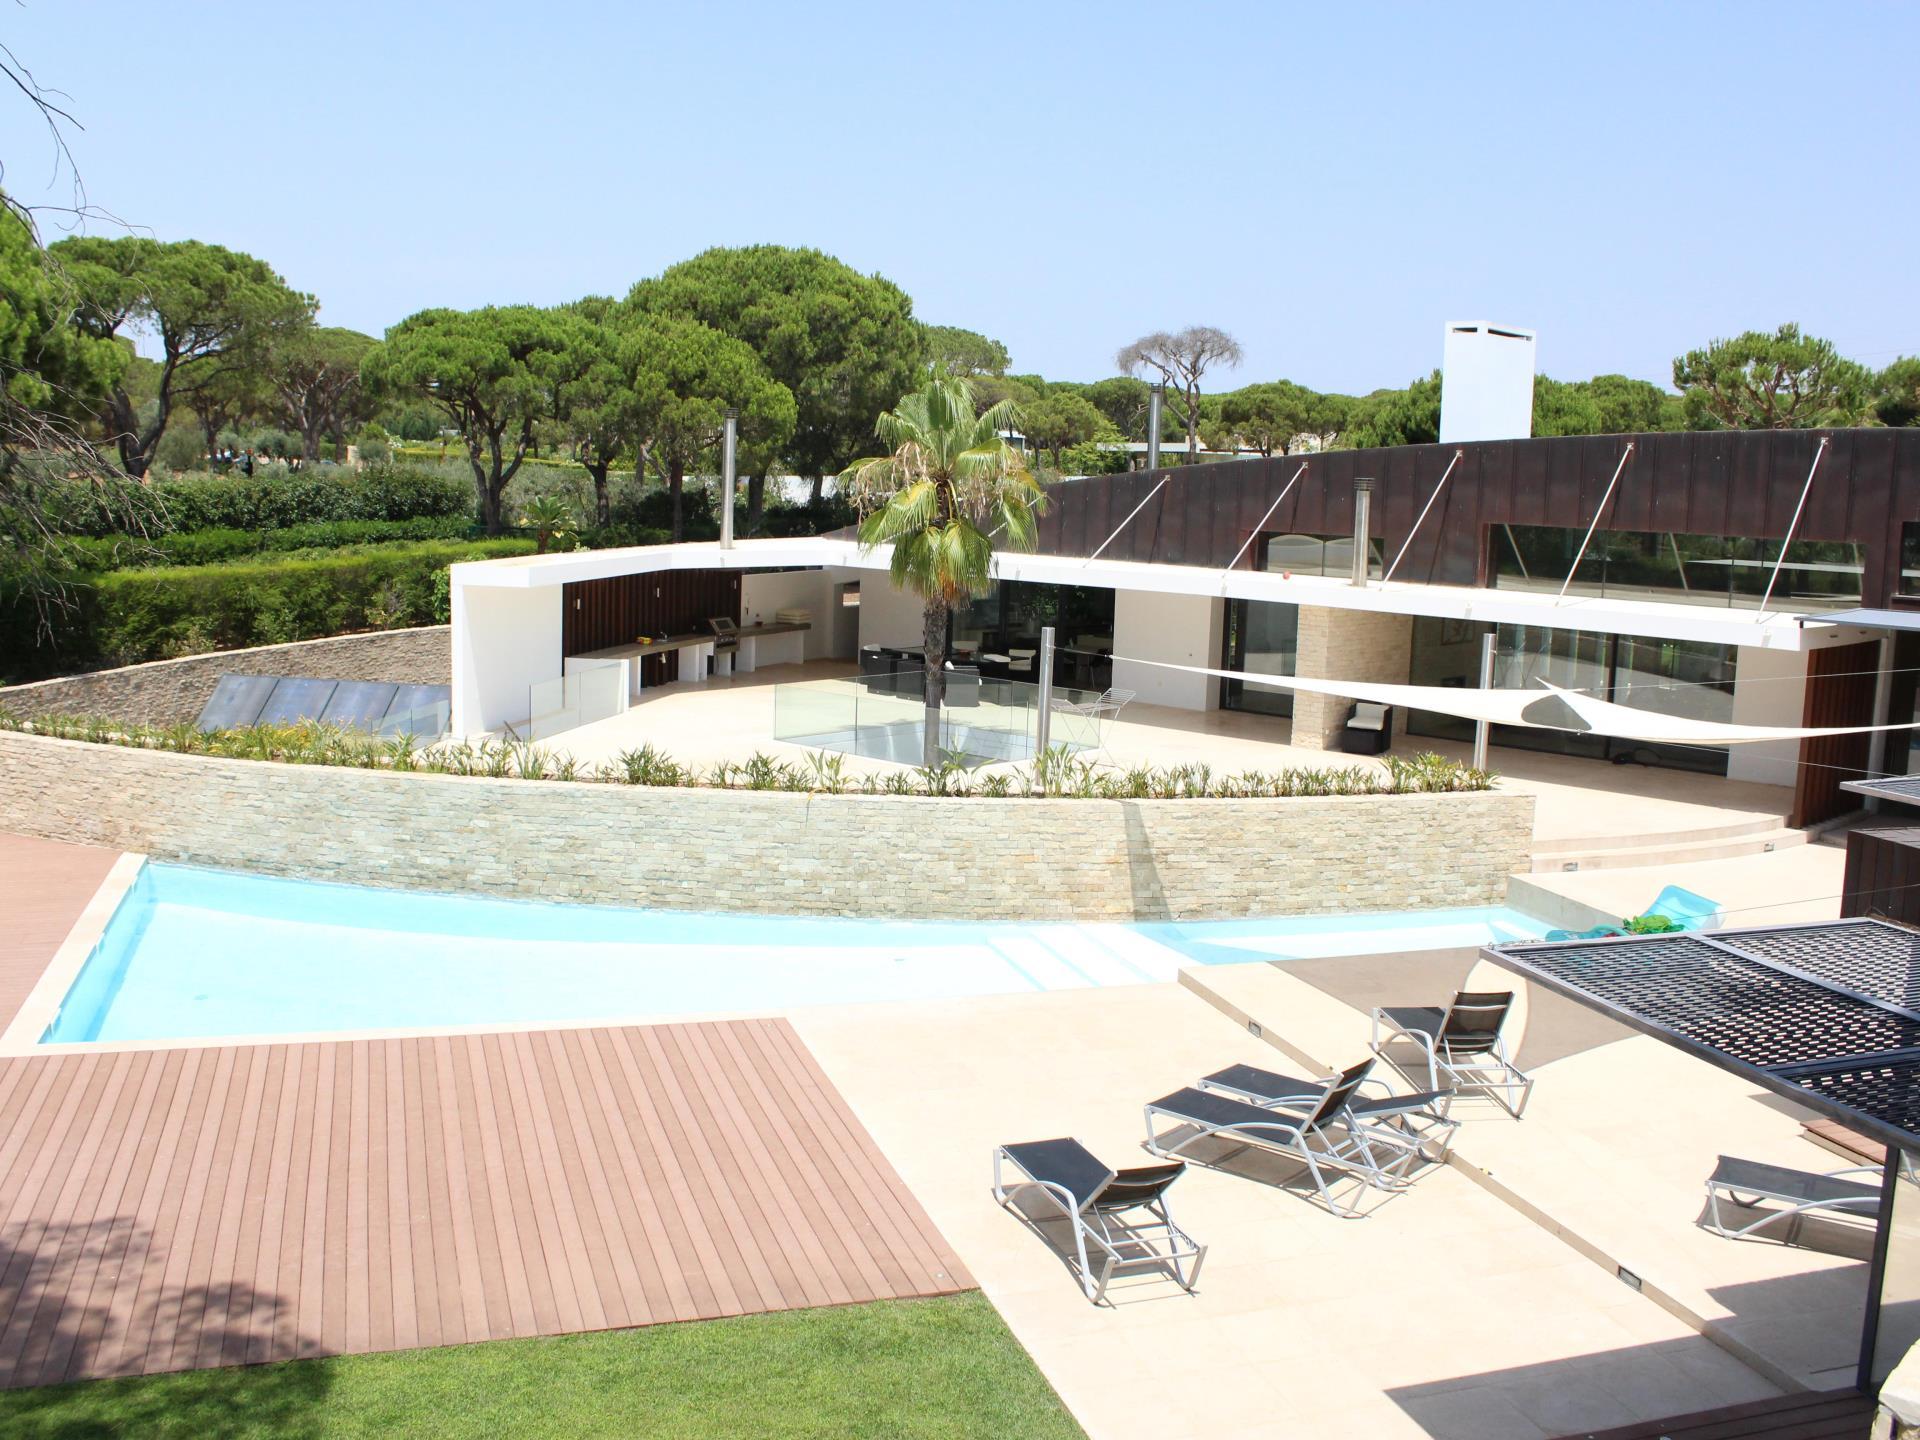 Einfamilienhaus für Verkauf beim Detached house, 5 bedrooms, for Sale Loule, Algarve Portugal